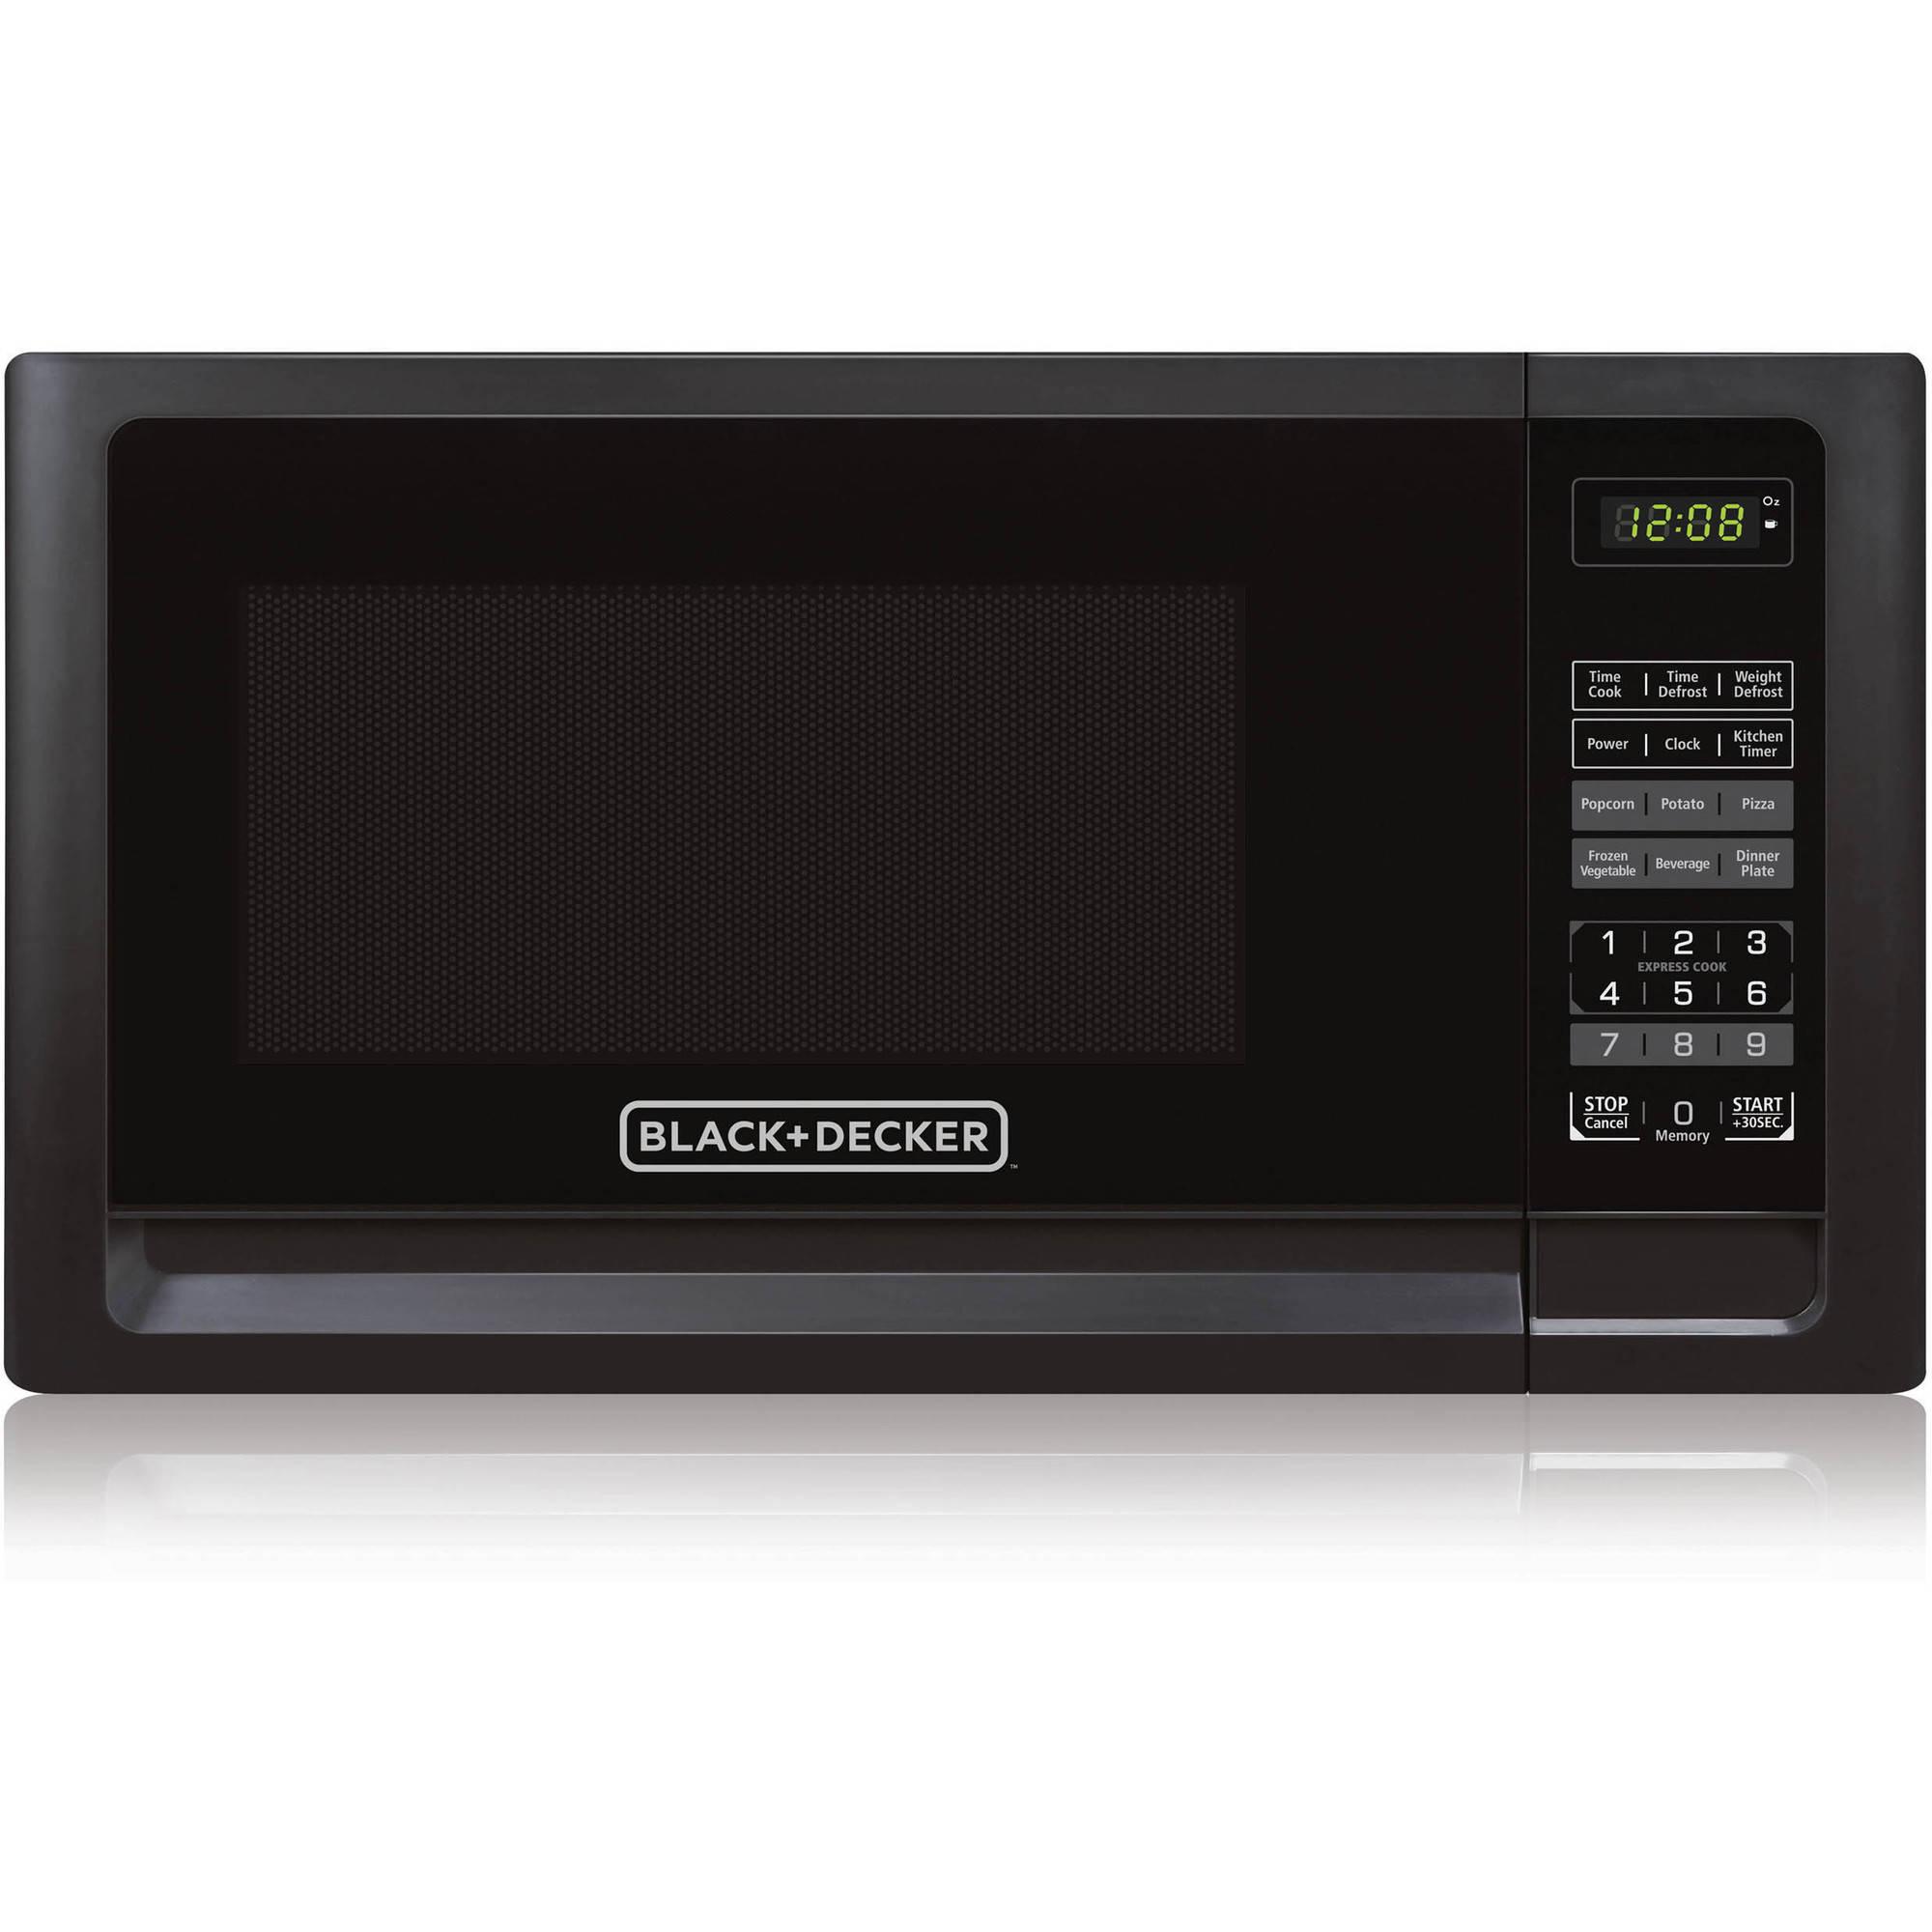 .7CF Microwave Black